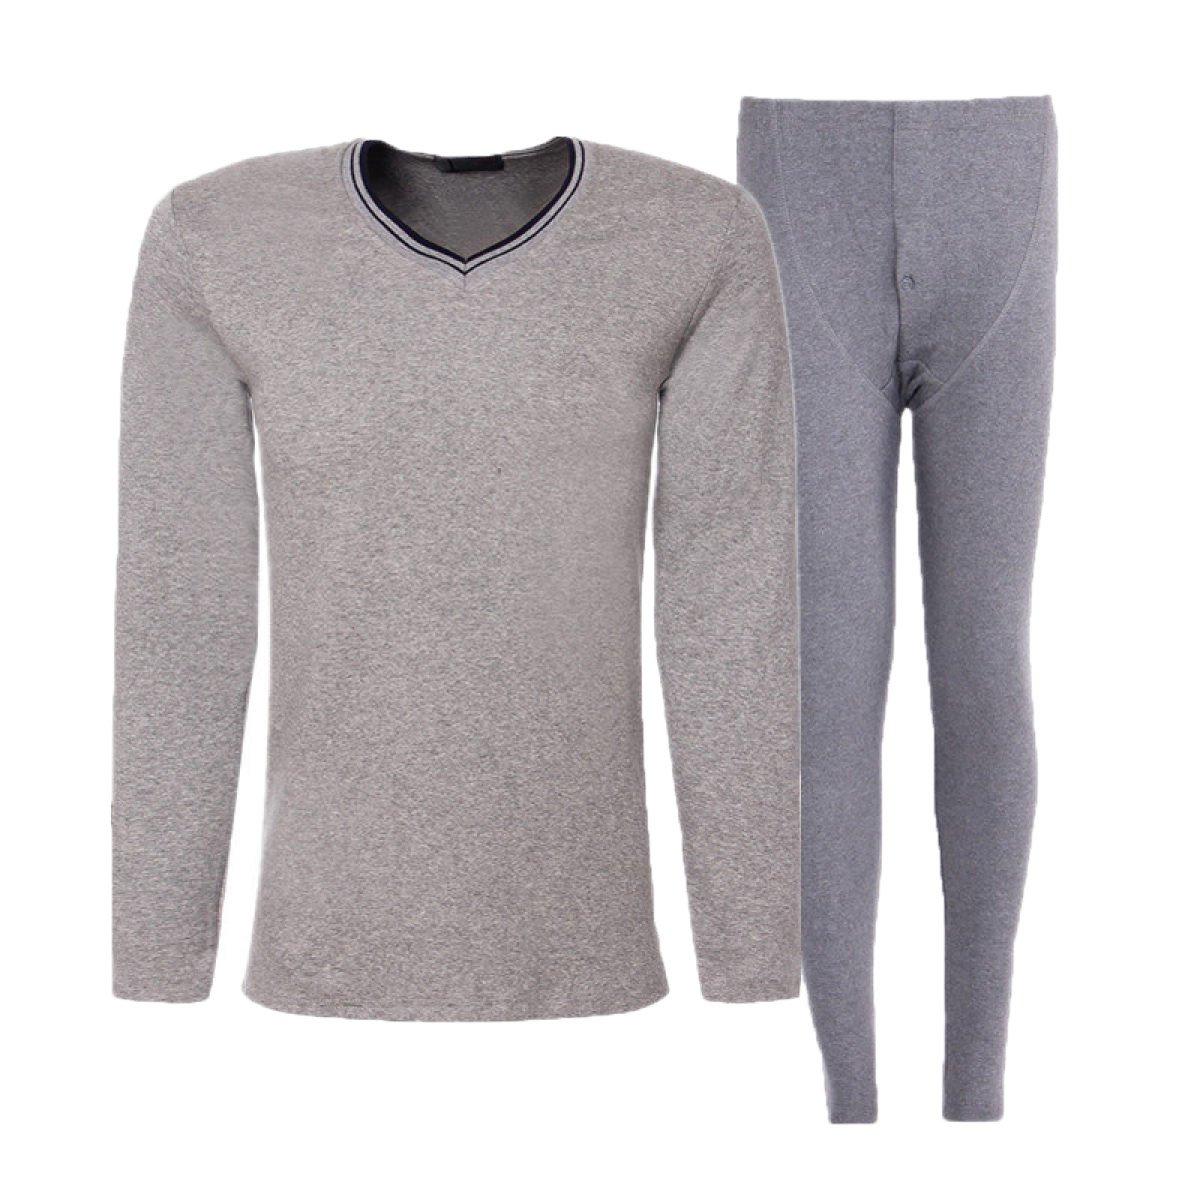 Tang moine, Männer, SHU Samt, Elektrisch Leitend, V-Ausschnitt, Unterwäsche, Anzüge